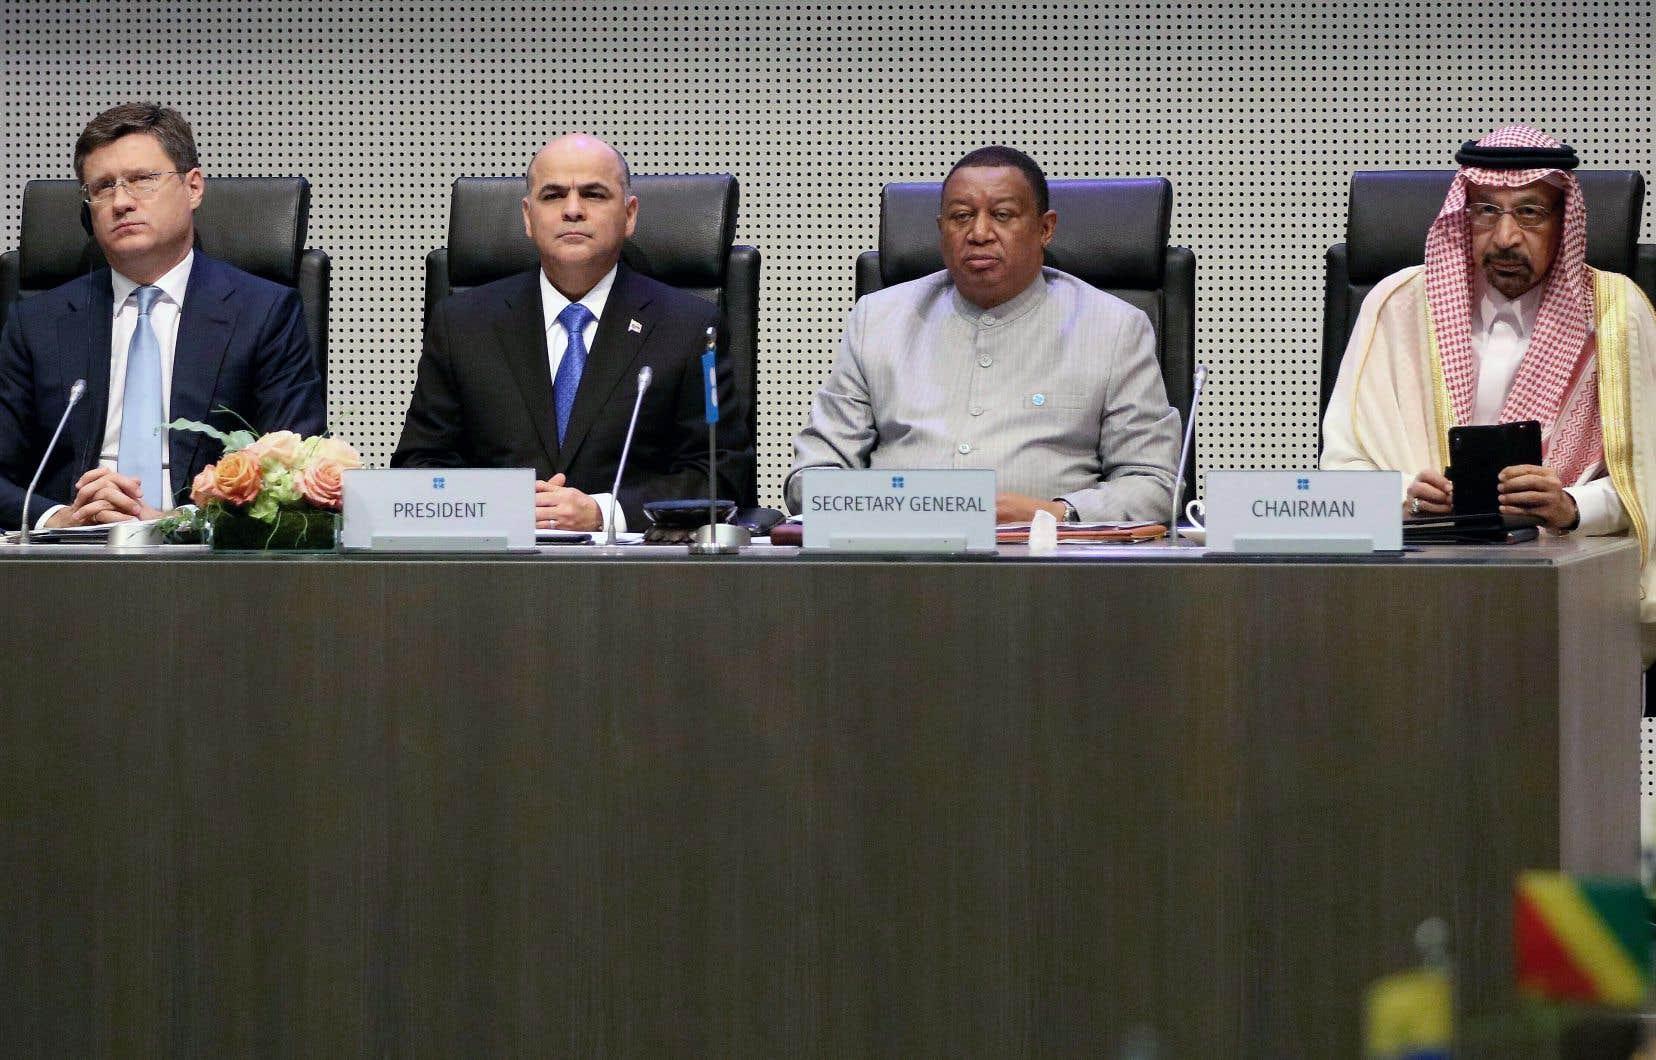 De gauche à droite: le ministre russe de l'Énergie, Alexander Novak, le ministre vénézuélien du Pétrole, Manuel Quevedo, le secrétaire général de l'OPEP, Mohammed Barkindo, et le ministre saoudien de l'Énergie, Khaled al-Faleh